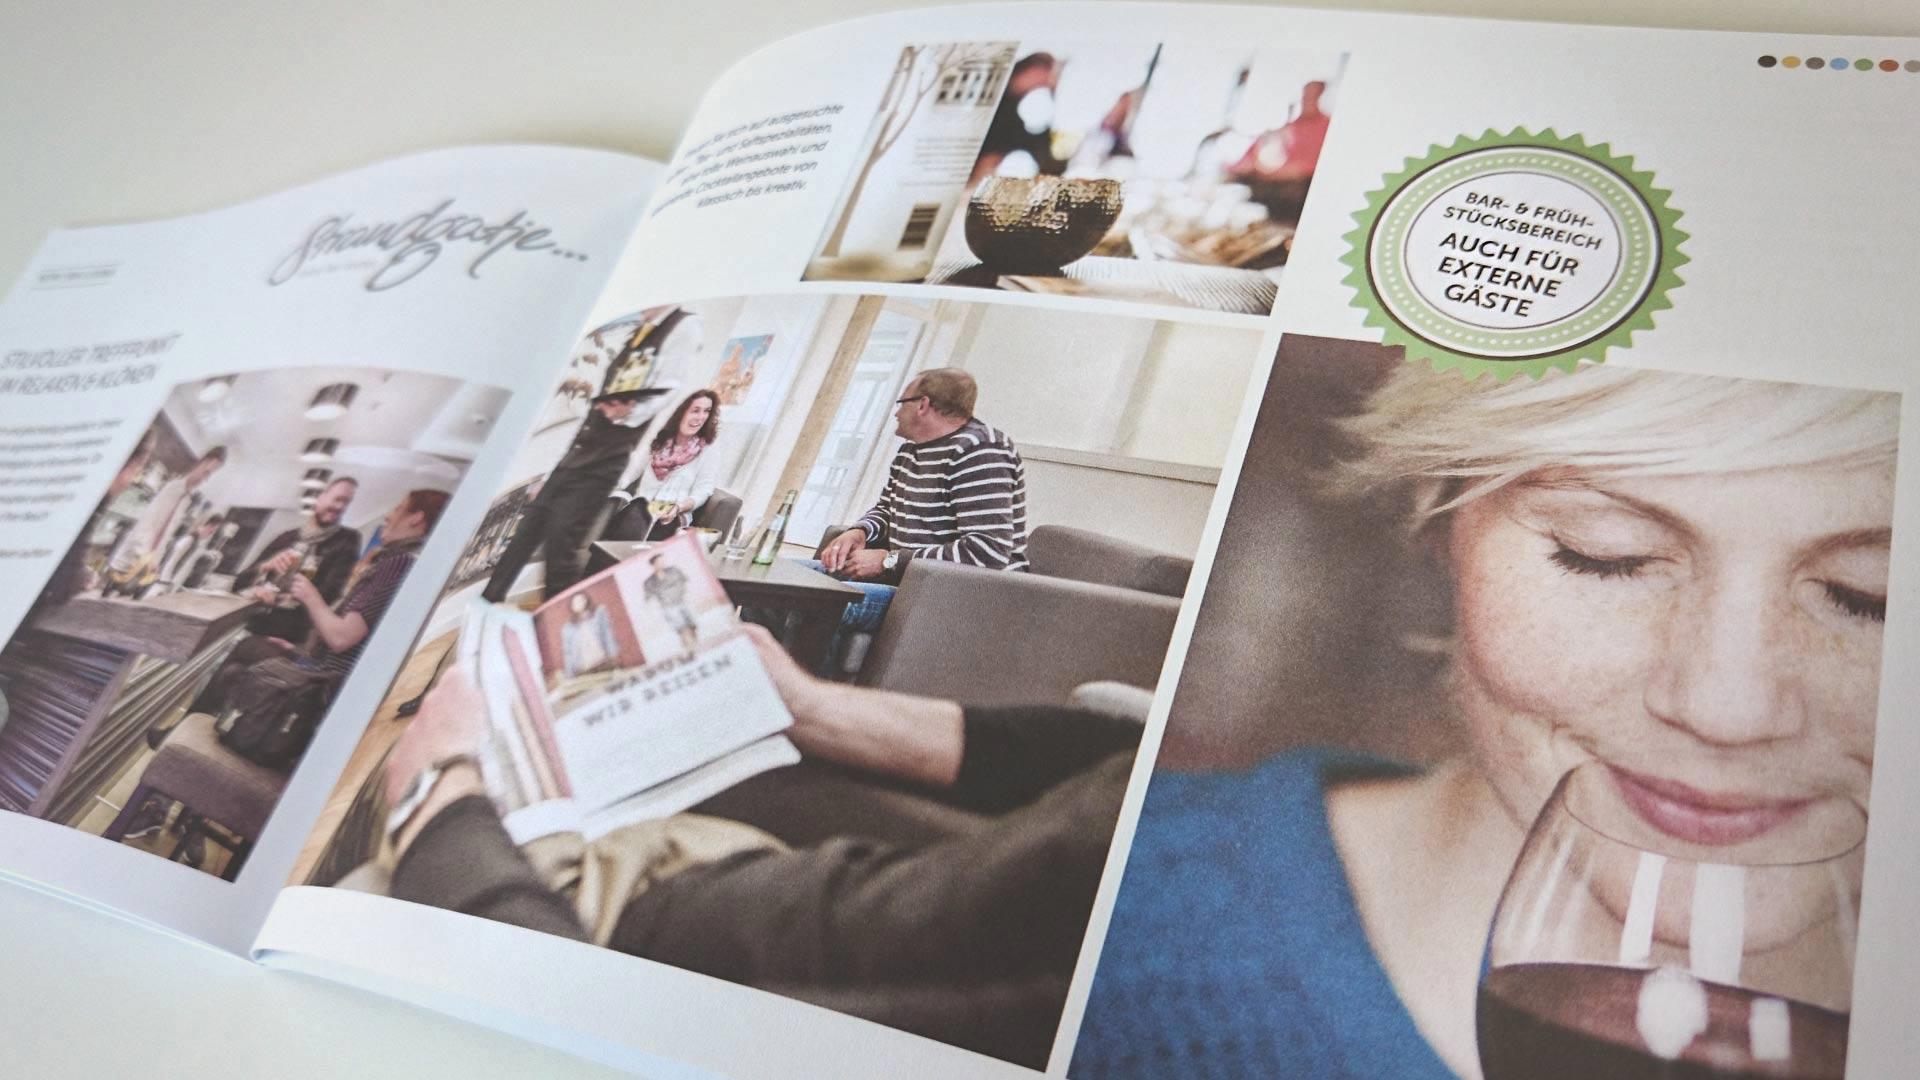 """artventura-Projekt Printdesign für das 4-Sterne-Hotel """"Inselhof Borkum"""": Doppelseite der Hotel- und Imagebroschüre"""